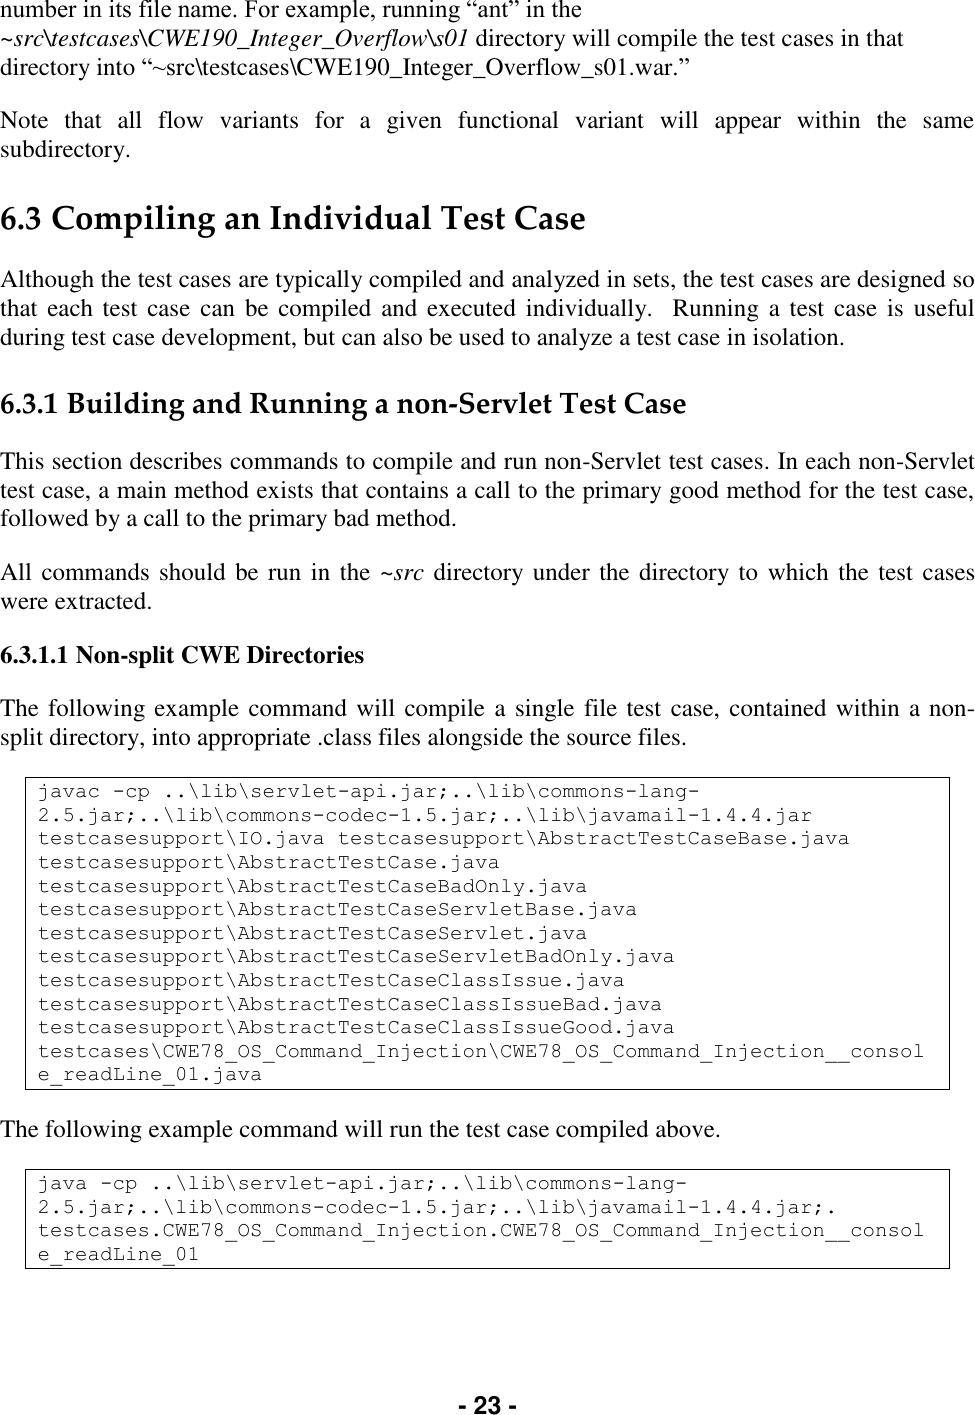 Juliet Suite V1 2 For Java User Guide